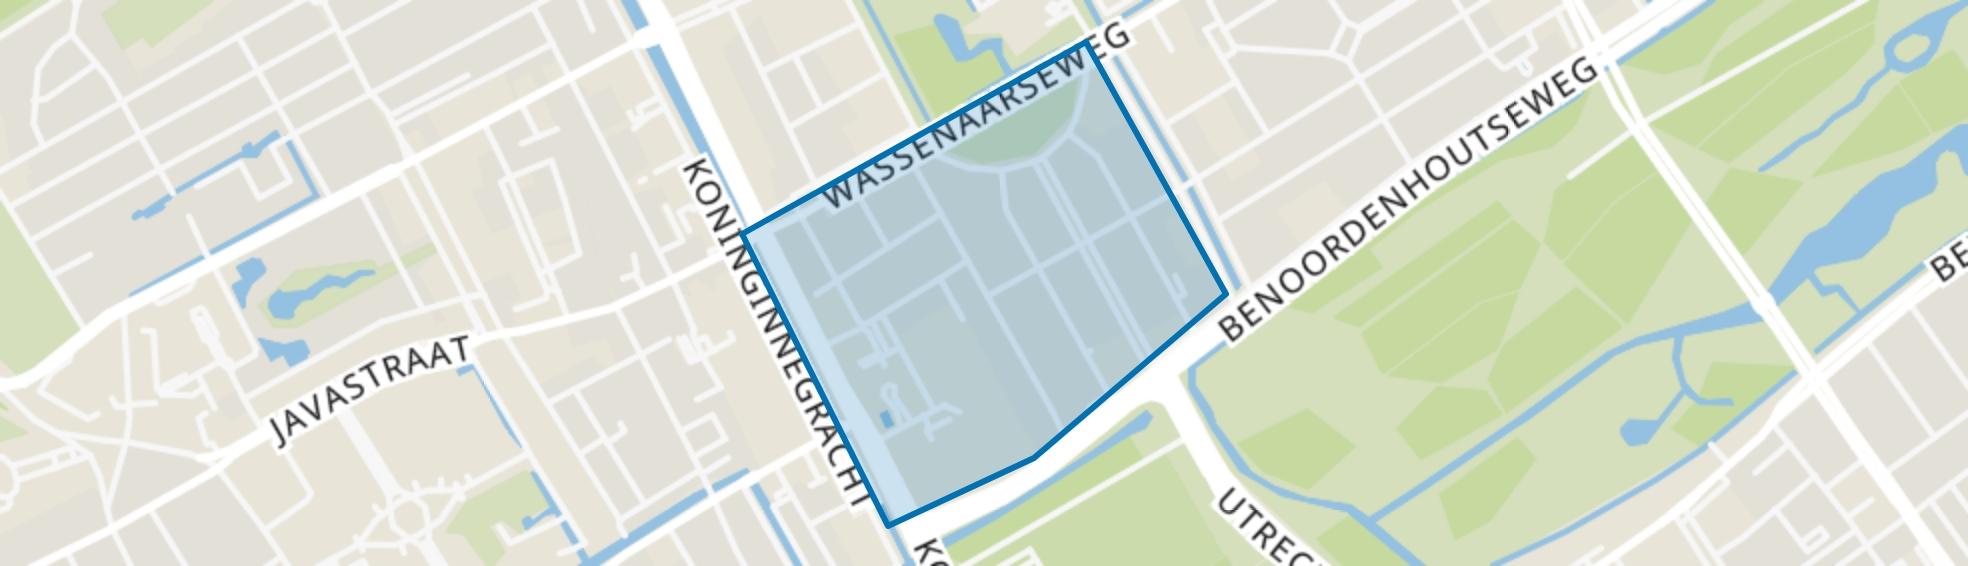 Nassaubuurt, Den Haag map